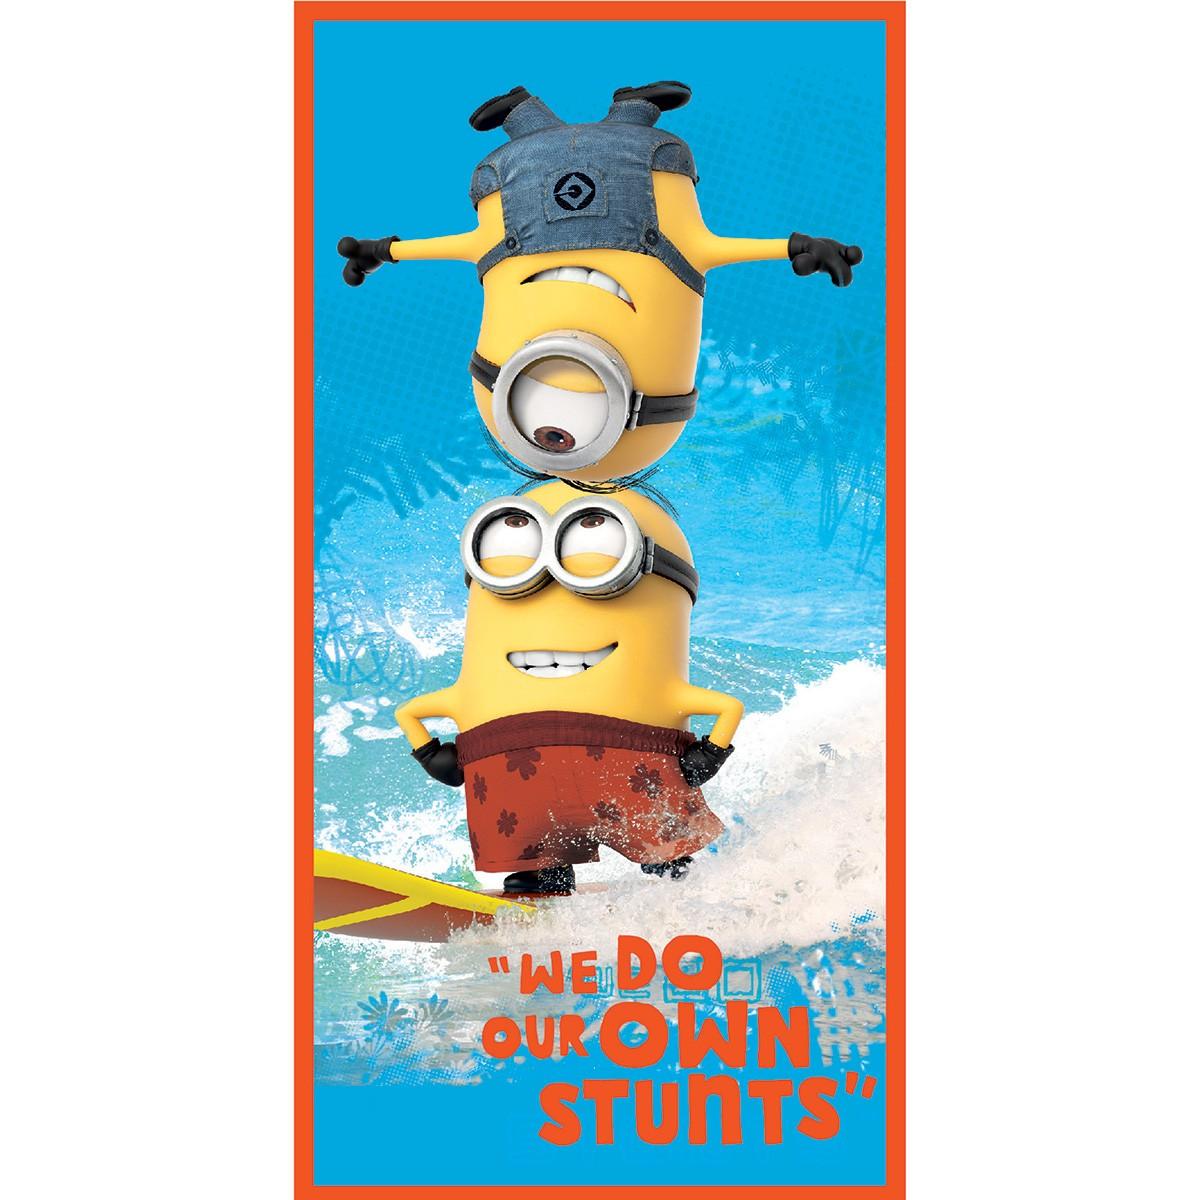 Παιδική Πετσέτα Θαλάσσης Dim Collection Minions 01-3 home   θαλάσσης   πετσέτες θαλάσσης παιδικές